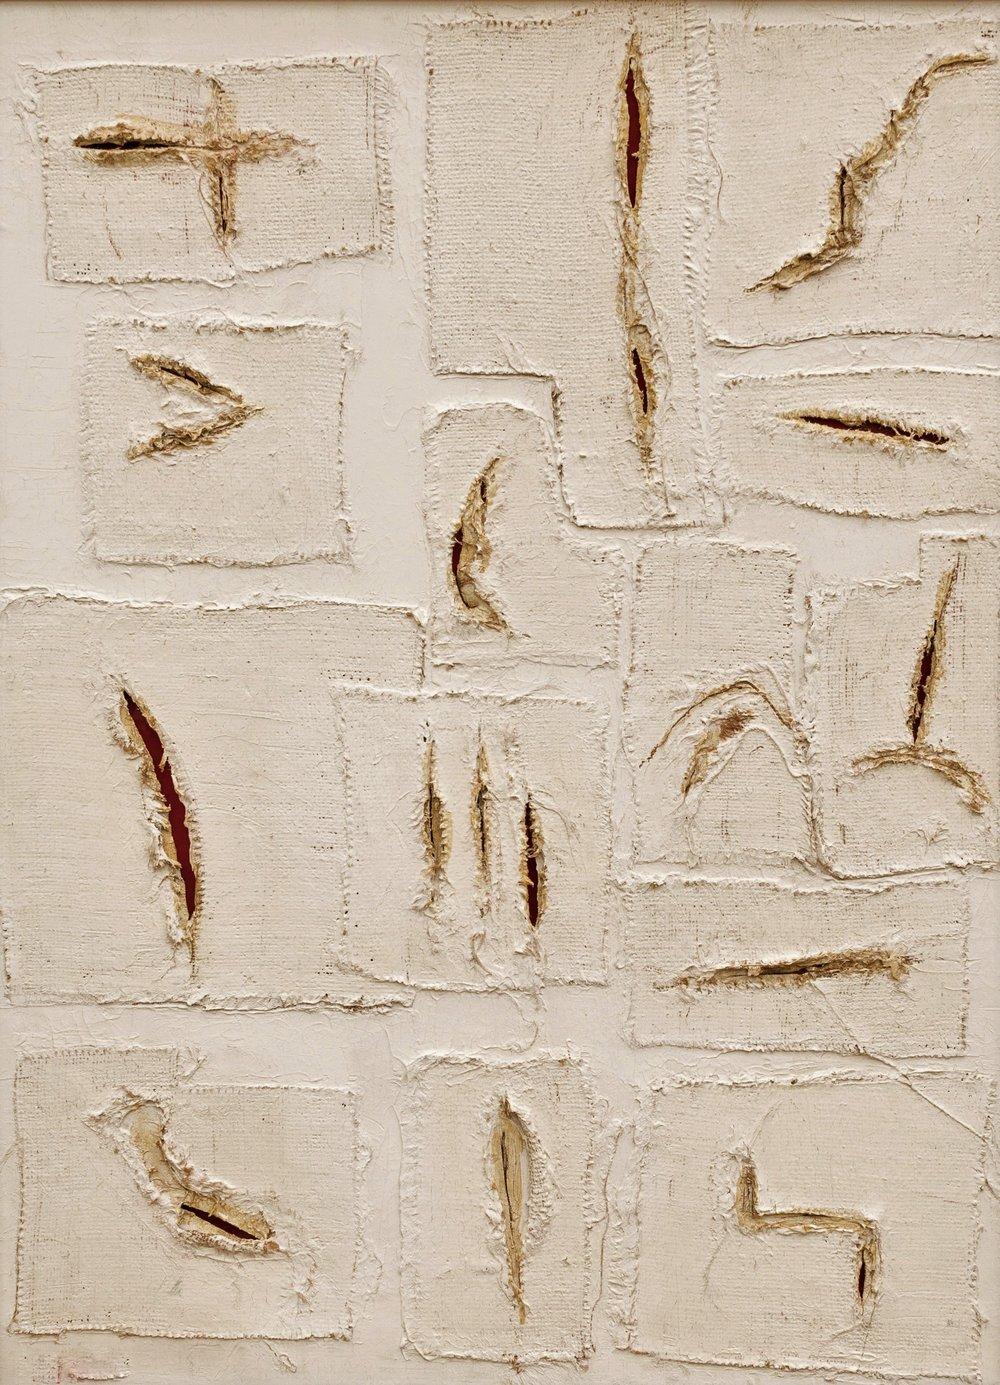 """""""Scars,"""" mixed-media by Paola Bidinelli"""